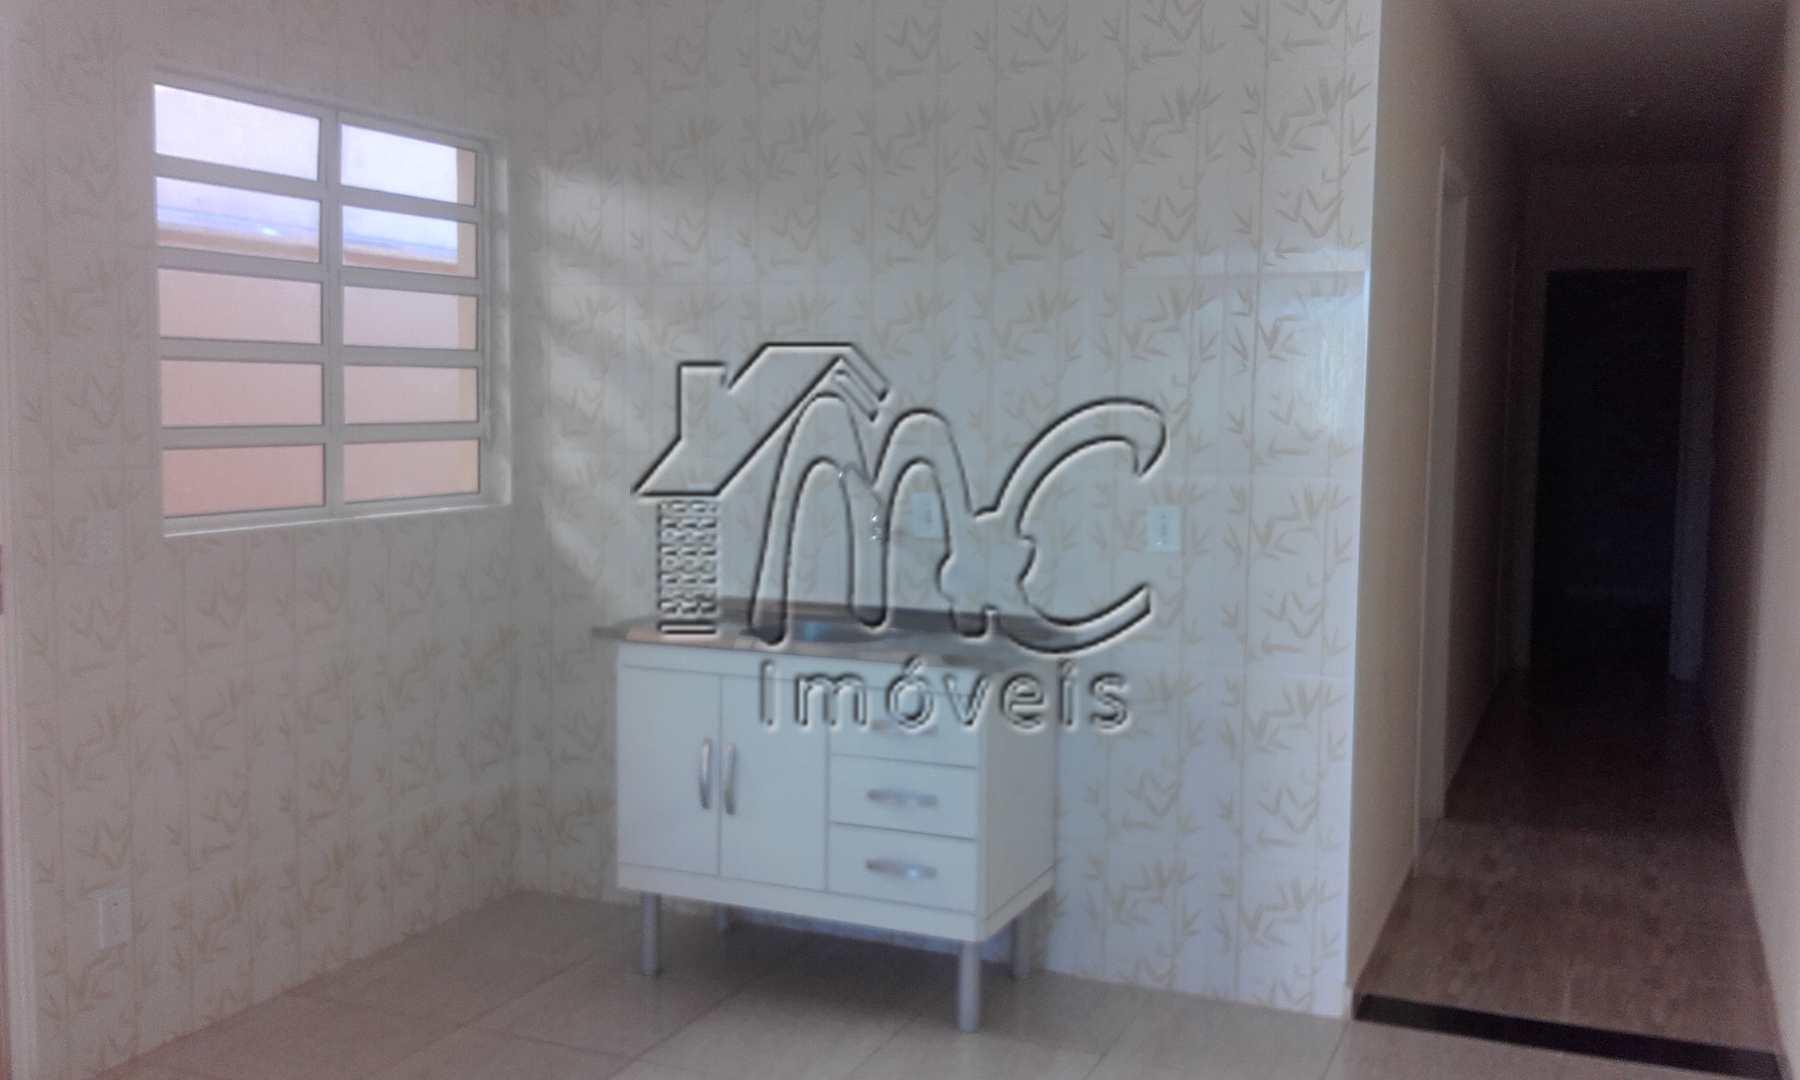 Casa com 2 dorms, Parque São Bento, Sorocaba - SP, Cod 8278.